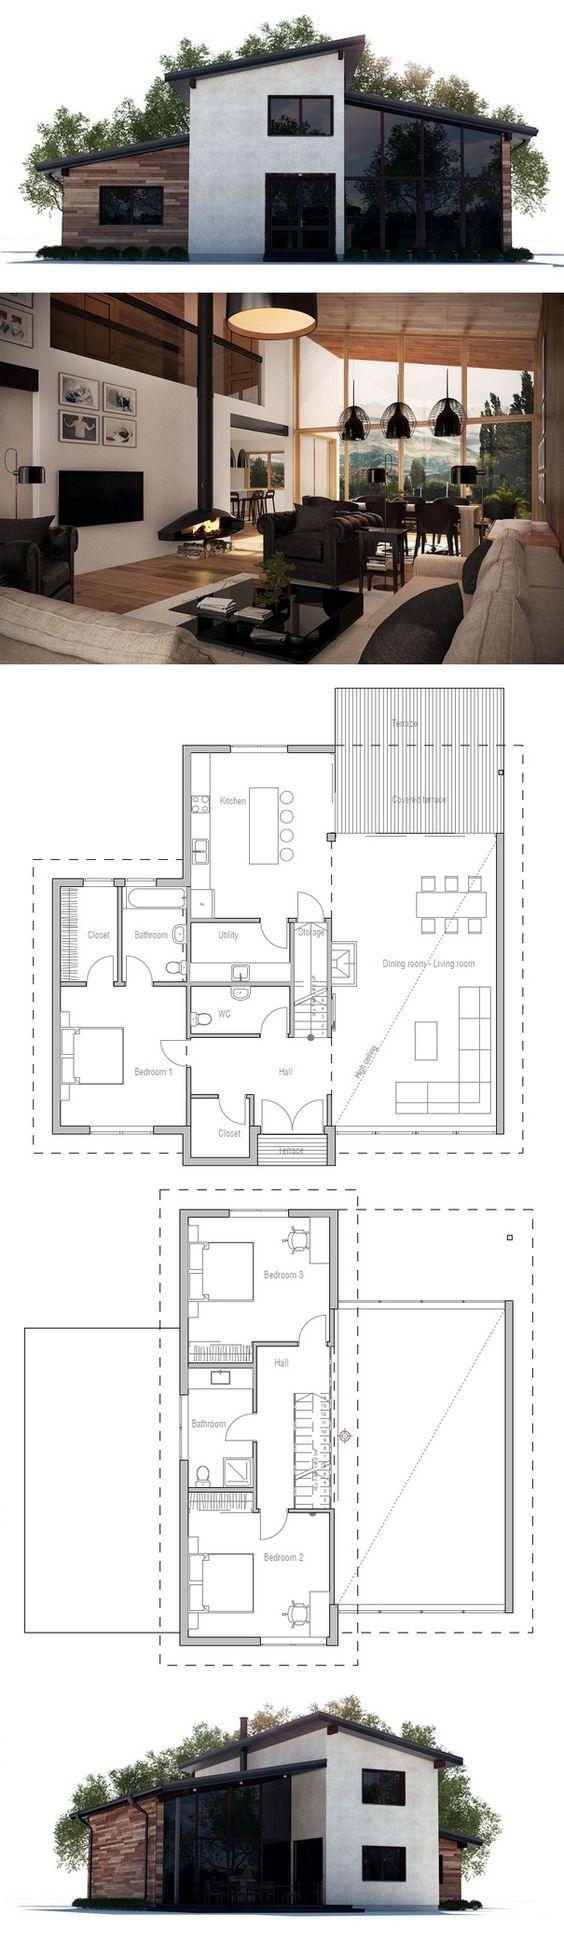 architecture maison bois et béton Idée maison Pinterest Plans de maison, Fen u00eatre et Maison # Maison Bois Et Beton